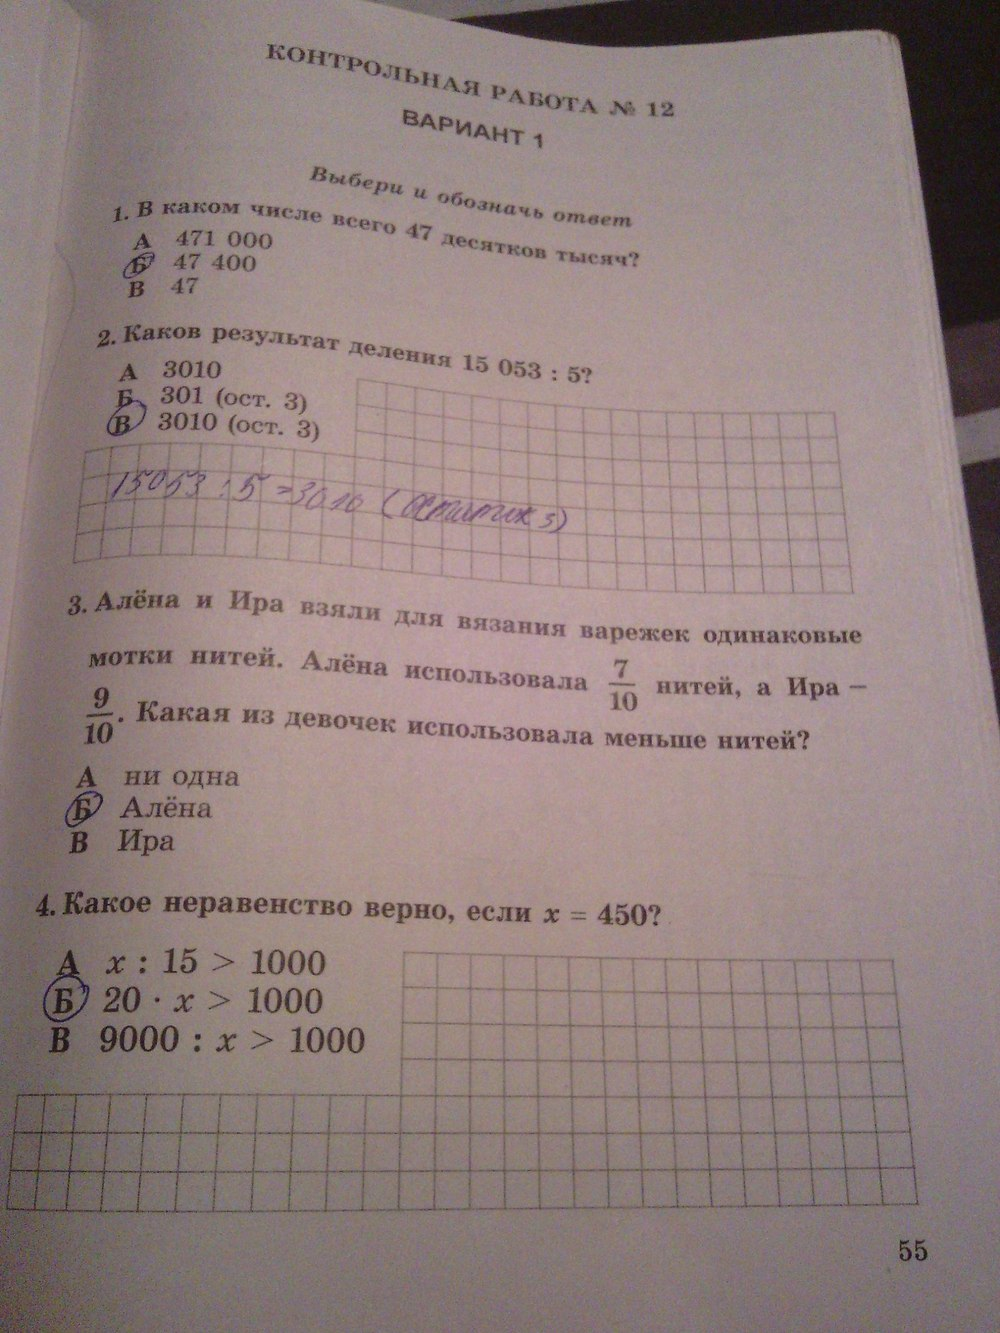 ГДЗ по математике 4 класс. Задание: стр. 55